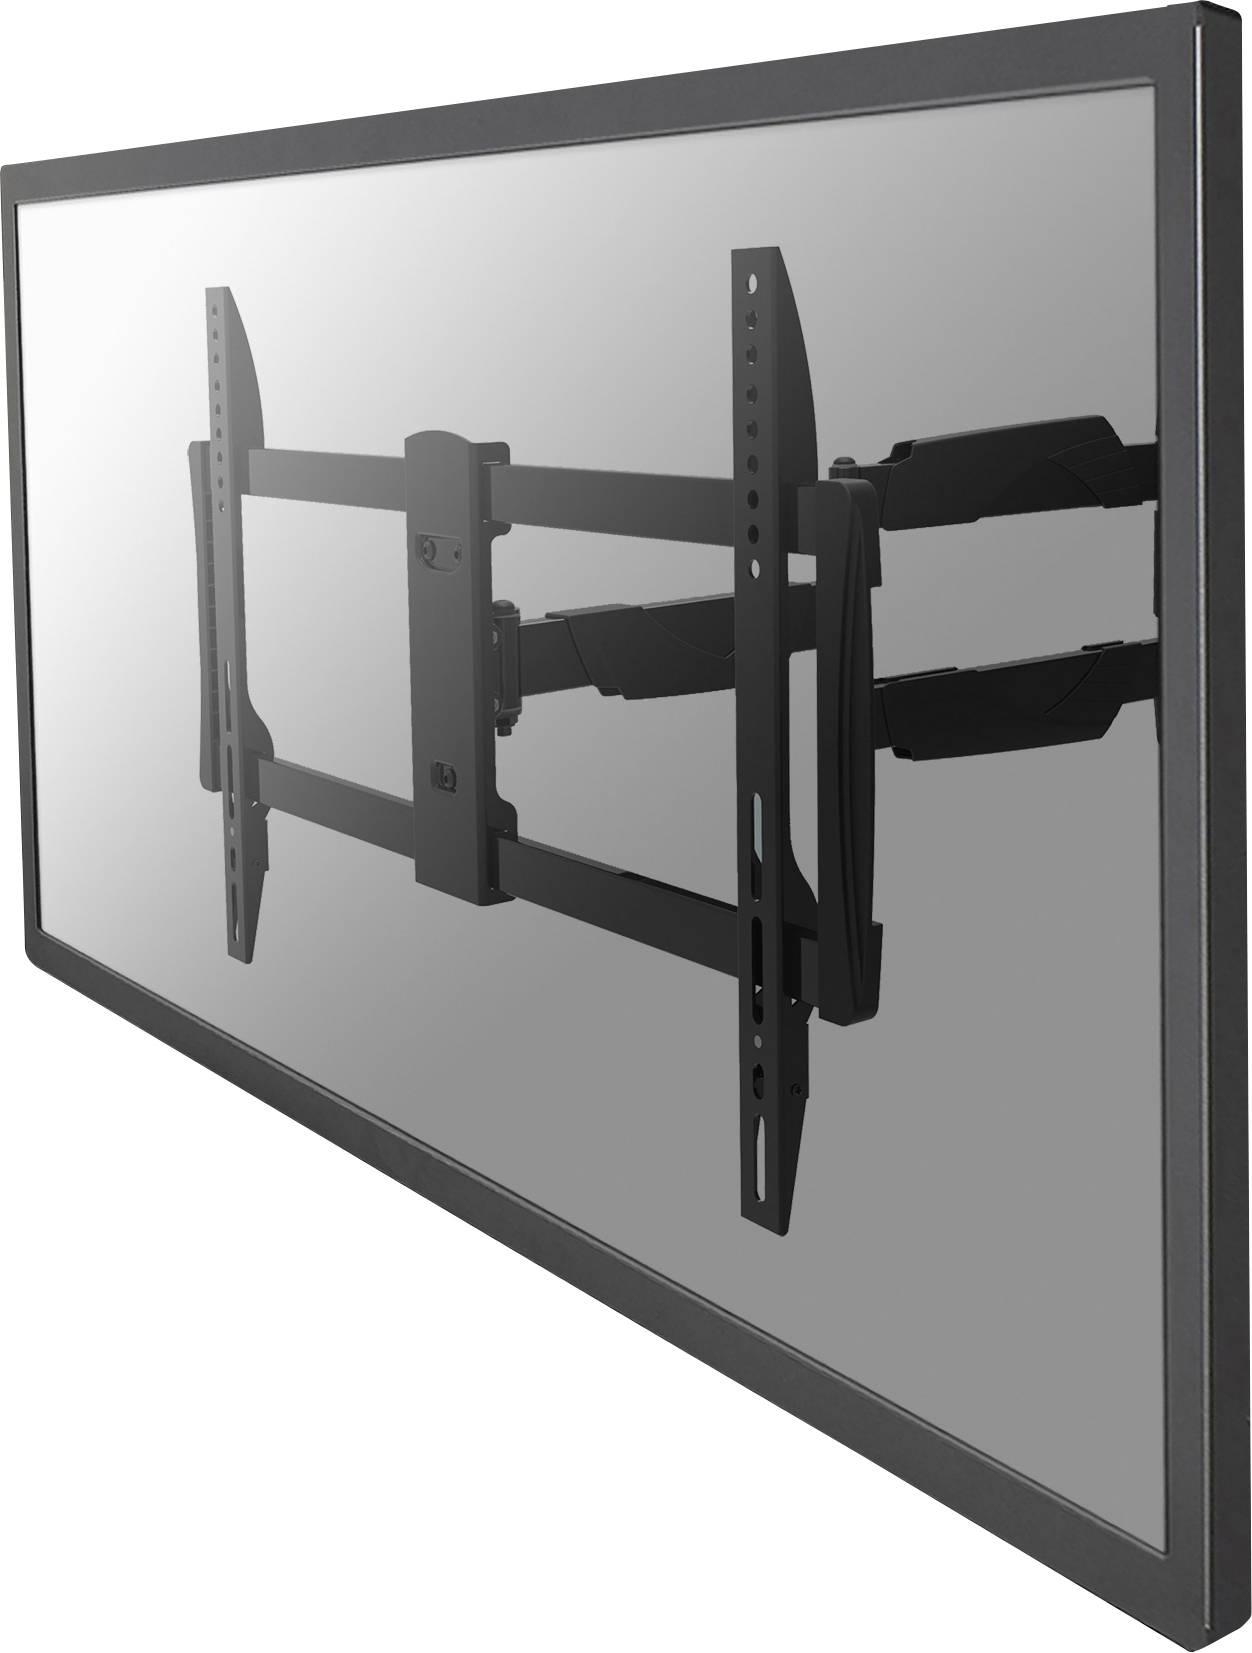 """Nástenný držiak na TV, 81 - 152,4 cm (32 - 60 """") Newstar Products NM-W460BLACK"""